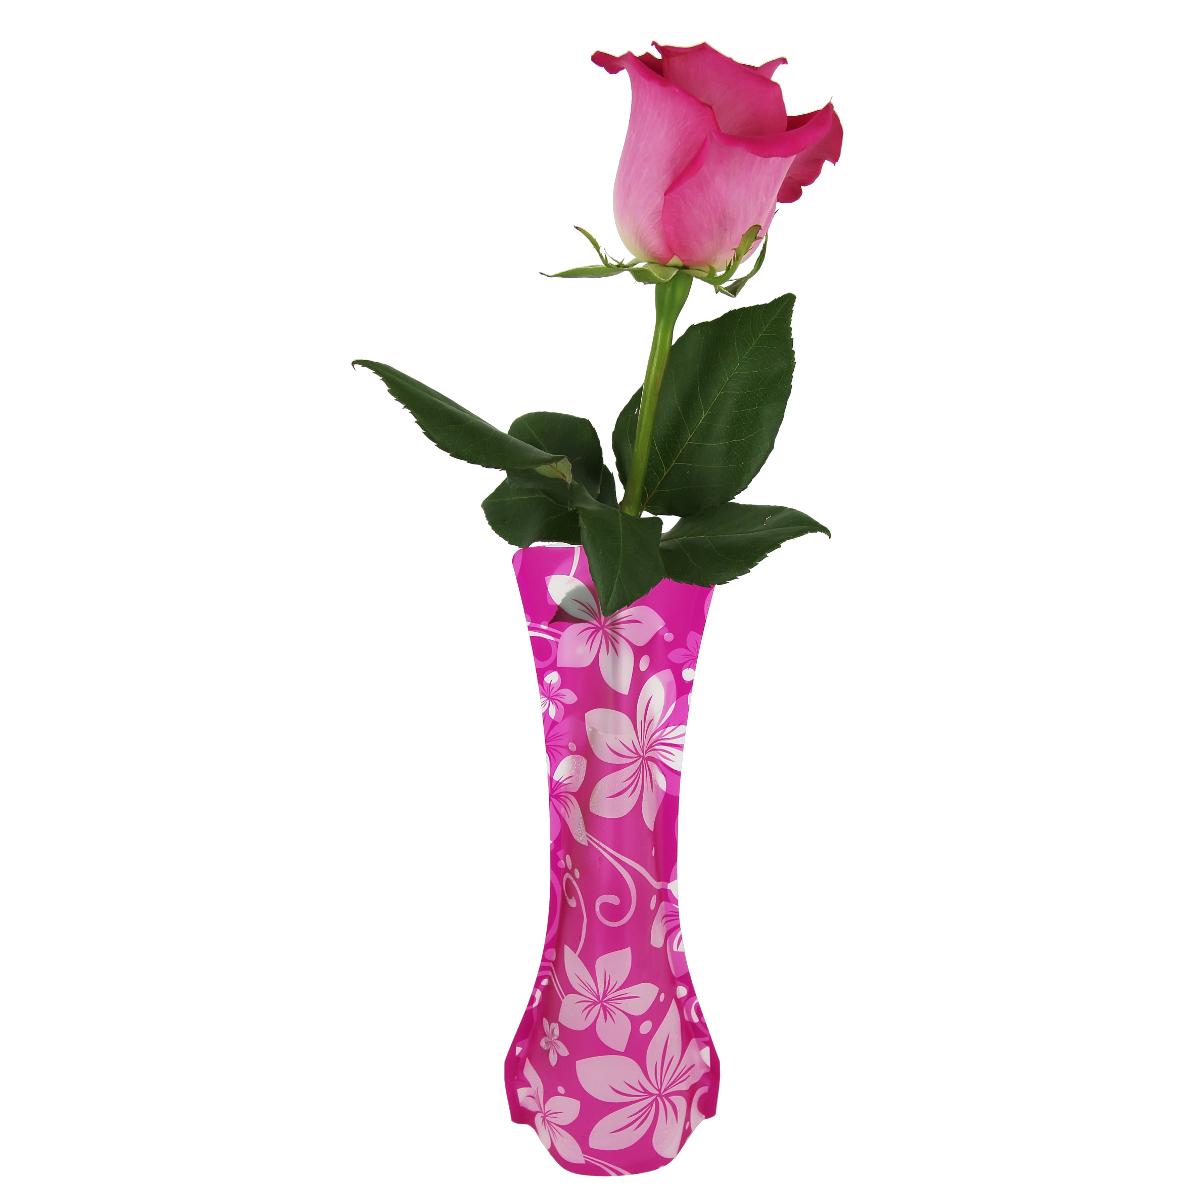 Ваза МастерПроф Красная орхидея, пластичная, 0,4 лHS.040037Пластичная ваза Красная орхидея легко складывается, удобно хранится - занимает мало места, долго служит. Всегда пригодится дома, в офисе, на даче, для оформления различных мероприятий. Отлично подойдет для перевозки цветов, или просто в подарок.Инструкция: 1. Наполните вазу теплой водой;2. Дно и стенки расправятся;3. Вылейте воду;4. Наполните вазу холодной водой;5. Вставьте цветы.Меры предосторожности:Хранить вдали от источников тепла и яркого солнечного света. С осторожностью применять для растений с длинными стеблями и с крупными соцветиями, что бы избежать опрокидывания вазы.